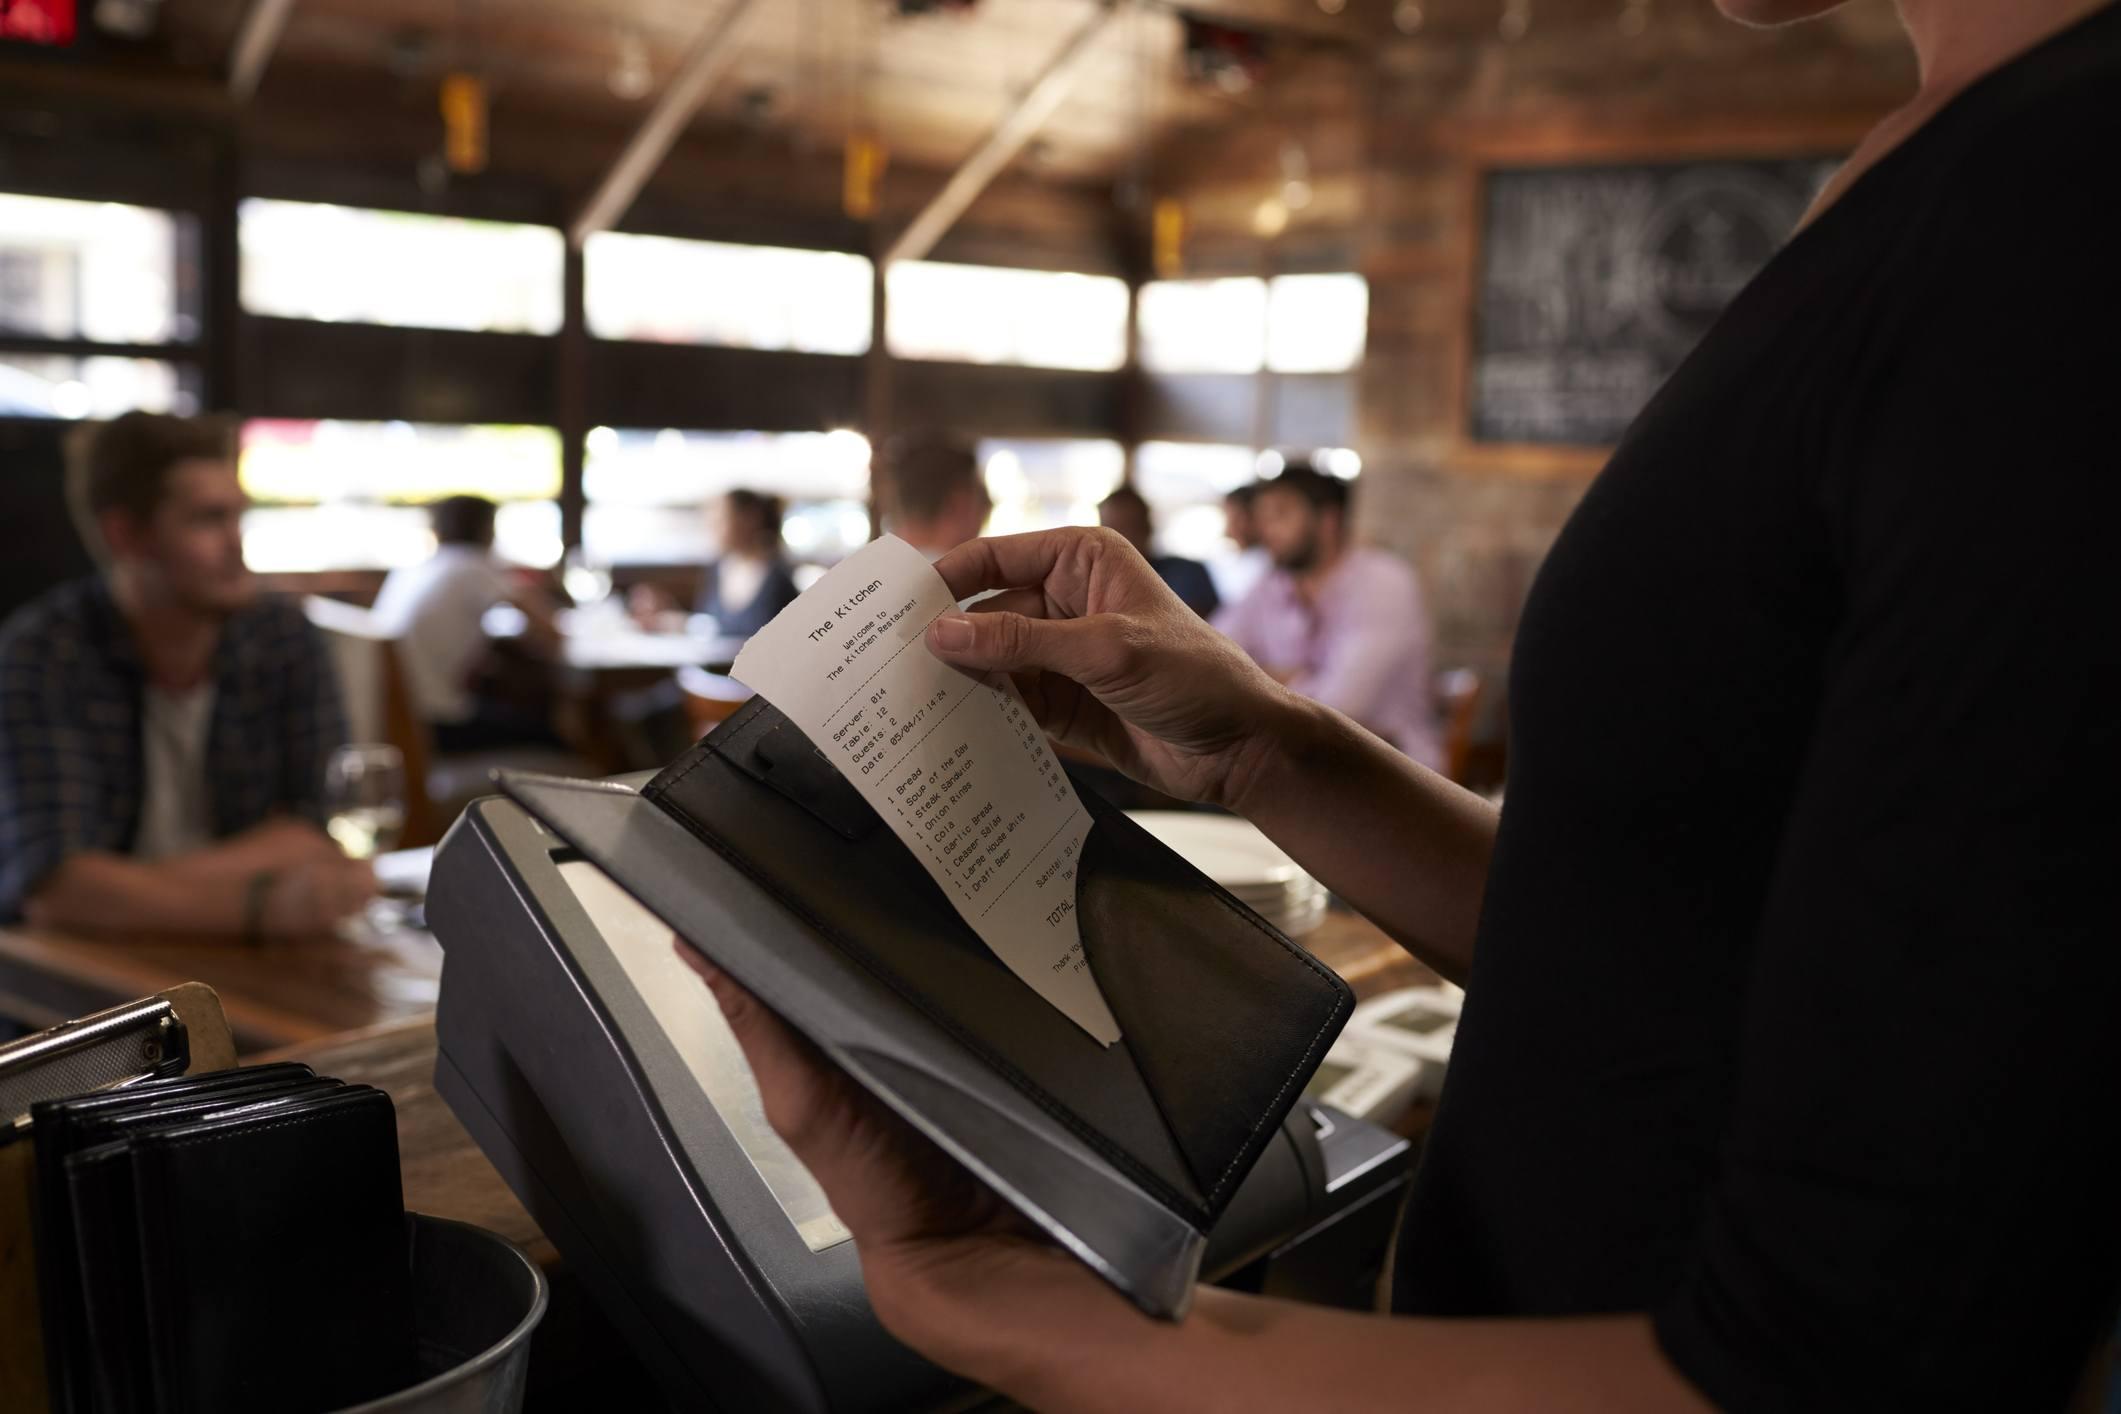 Restaurant bill check